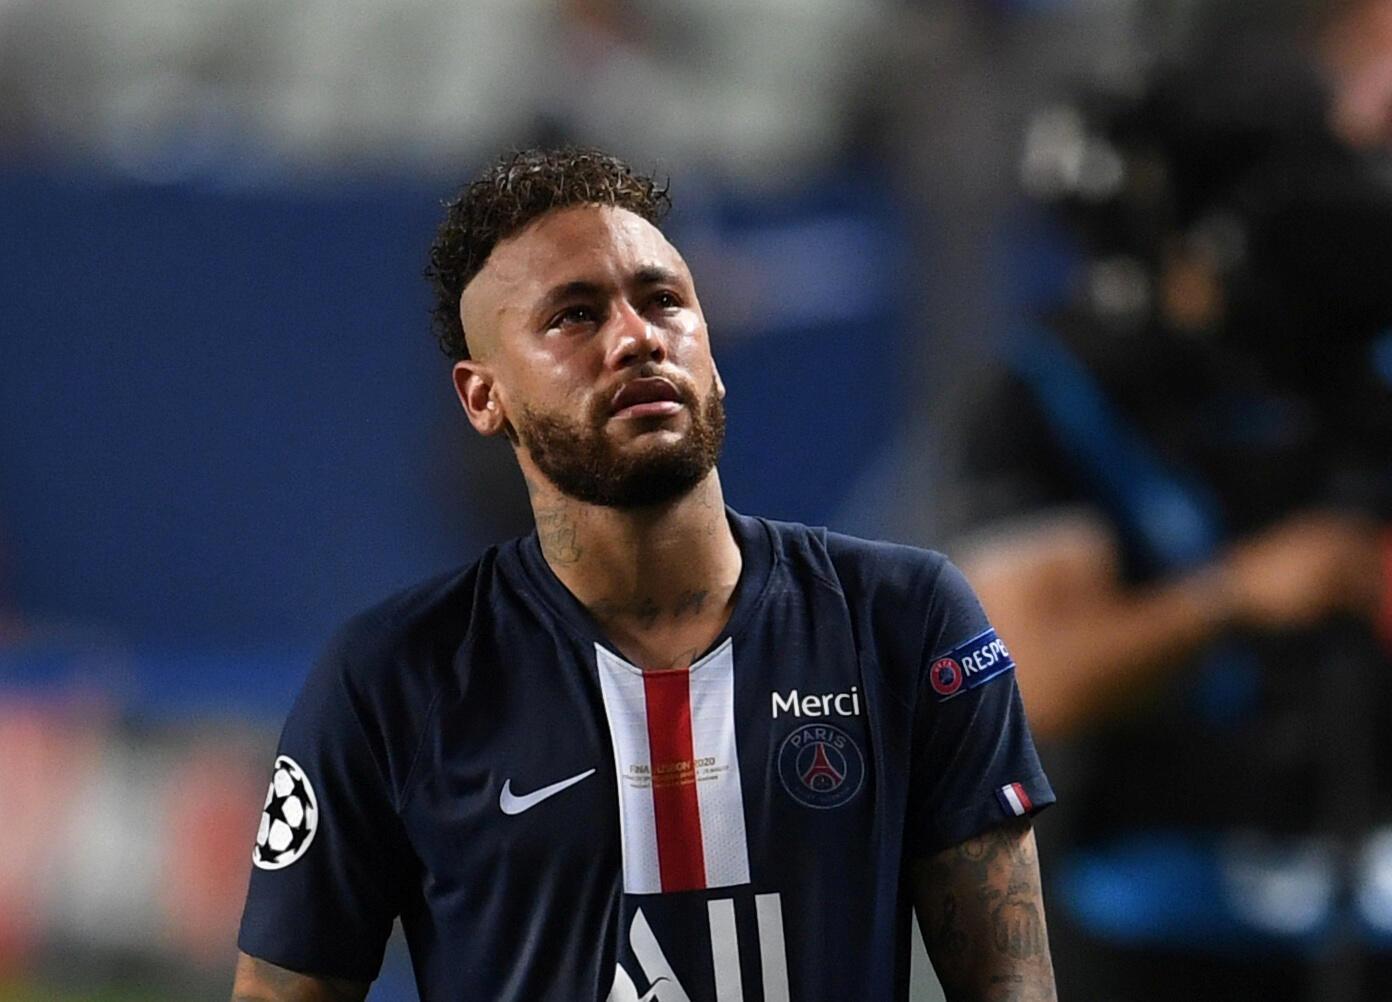 Le footballeur brésilien du PSG Neymar, les larmes aux yeux après la finale de Ligue des champions perdue face au Bayern Munich, le 23 août 2020.